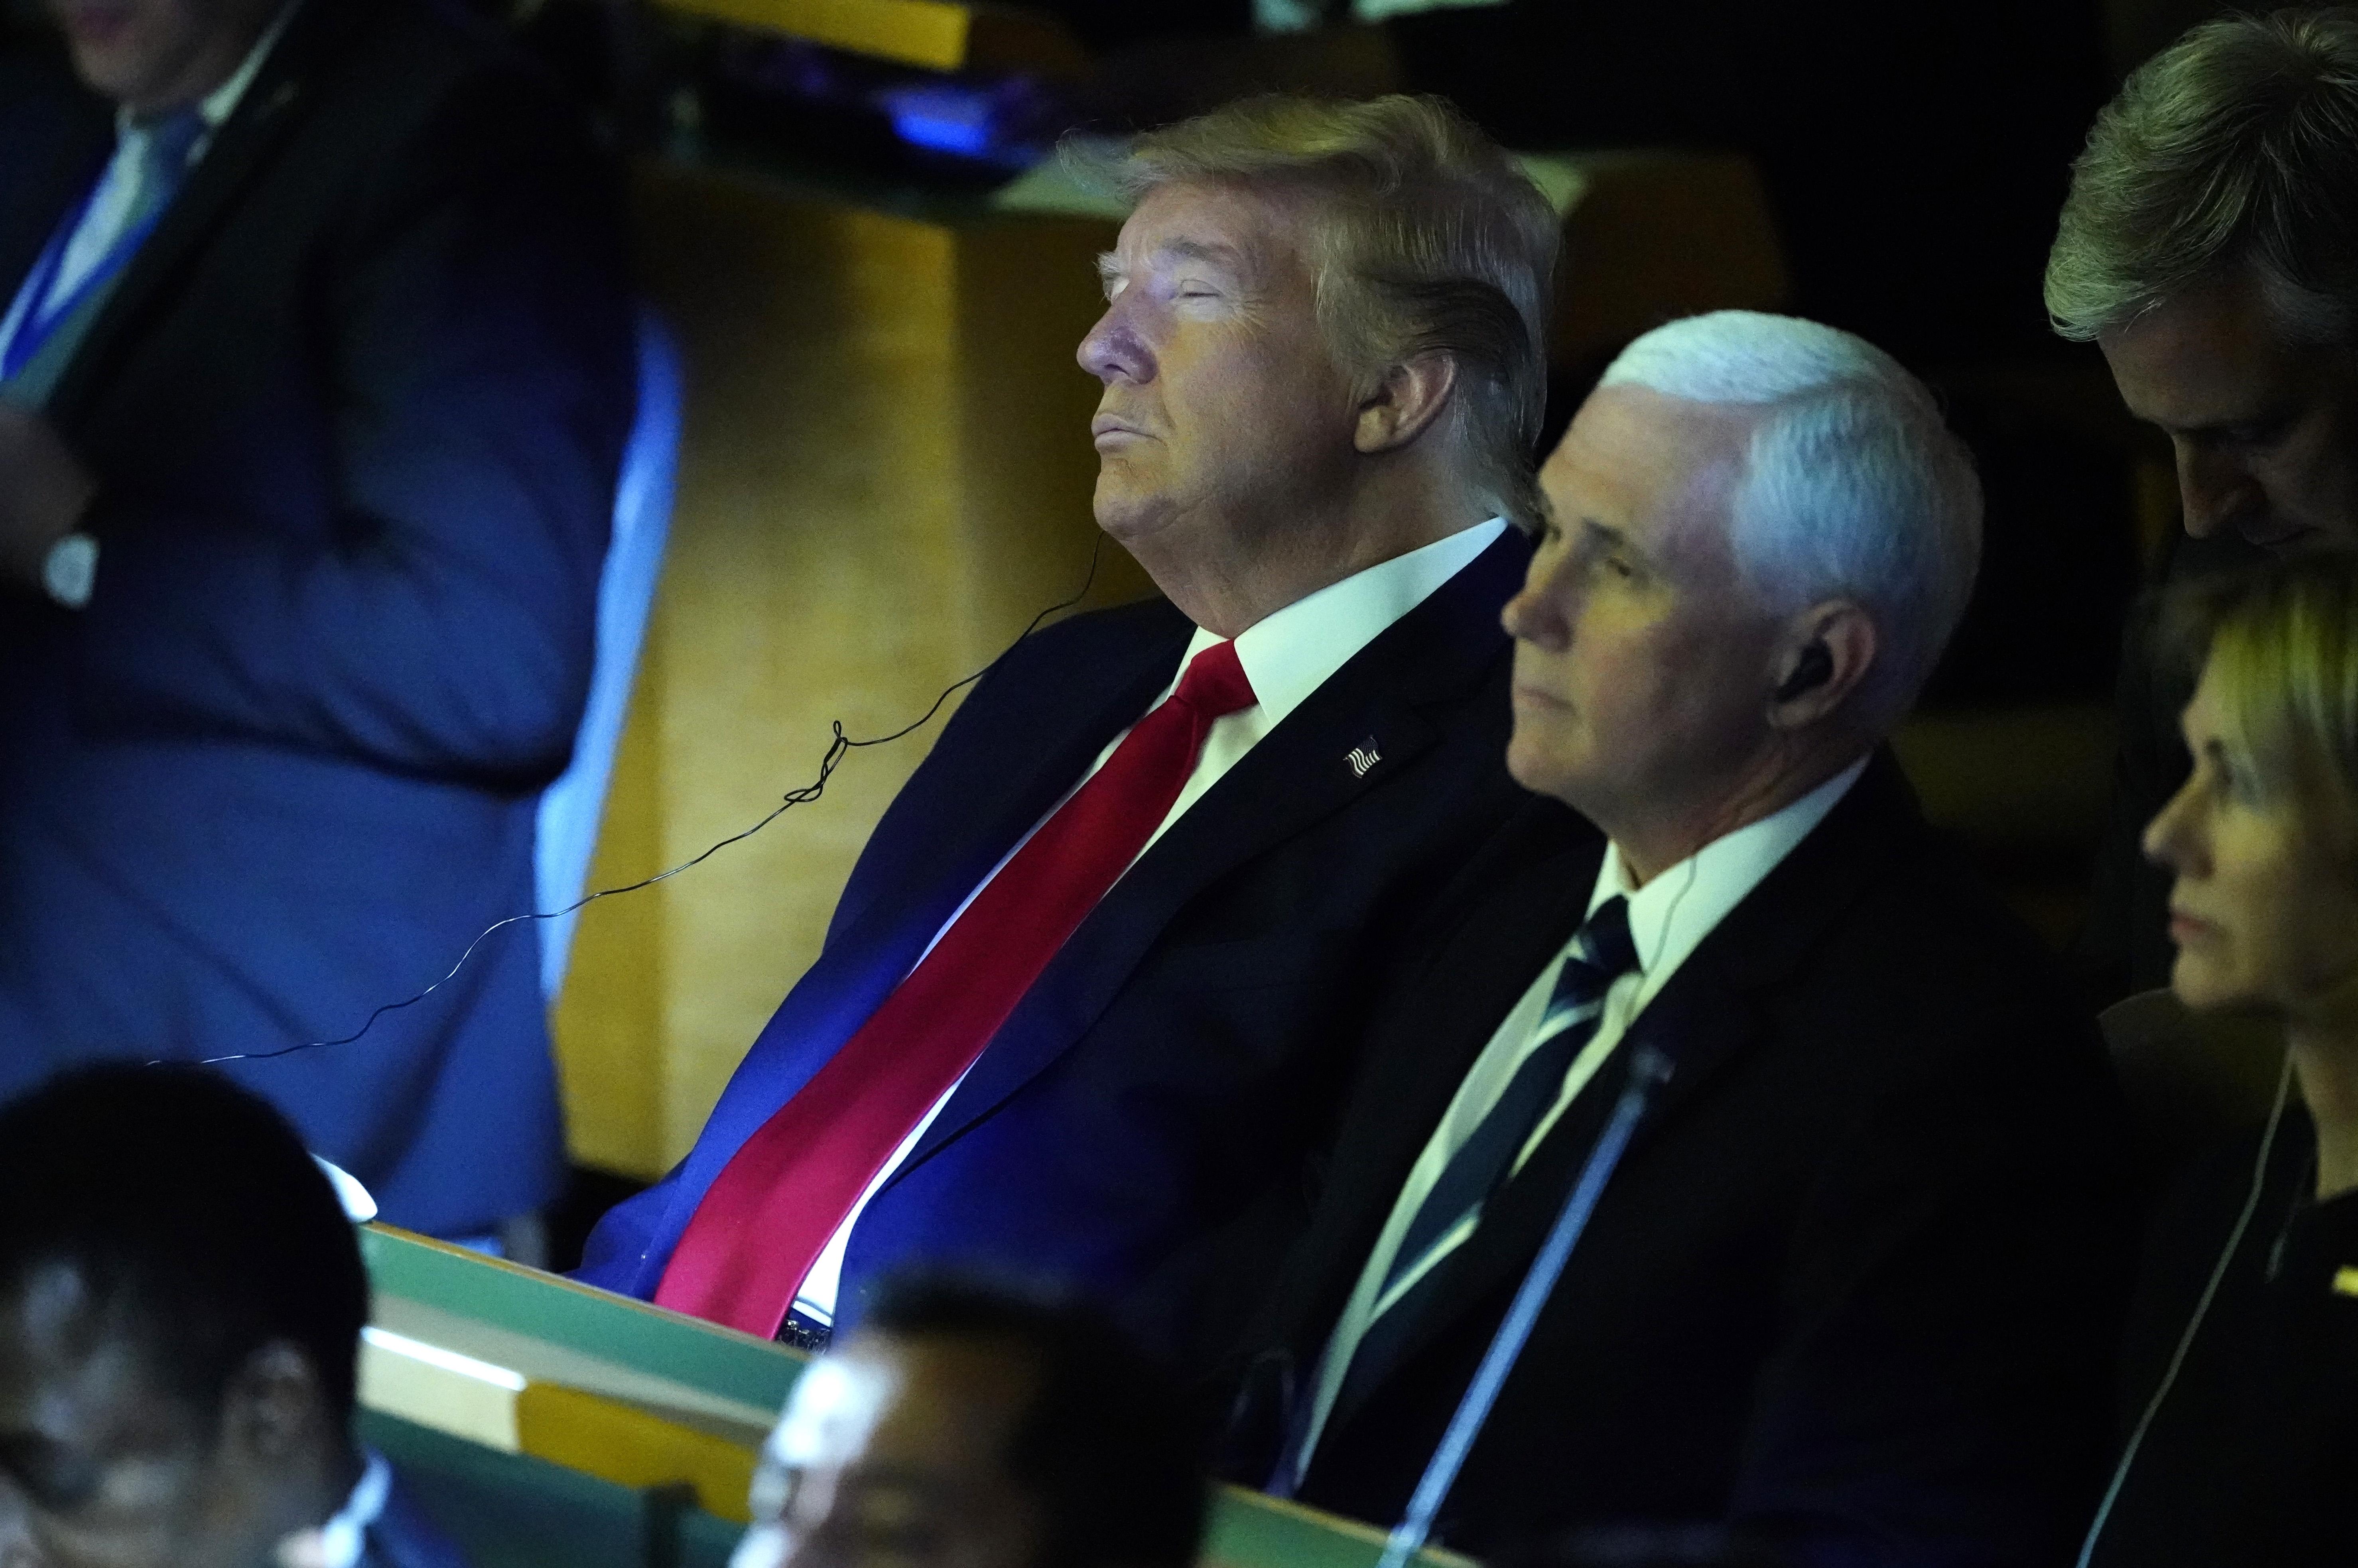 Νανούλια ο Τραμπ στην Σύνοδο του ΟΗΕ για το Κλίμα [pics]